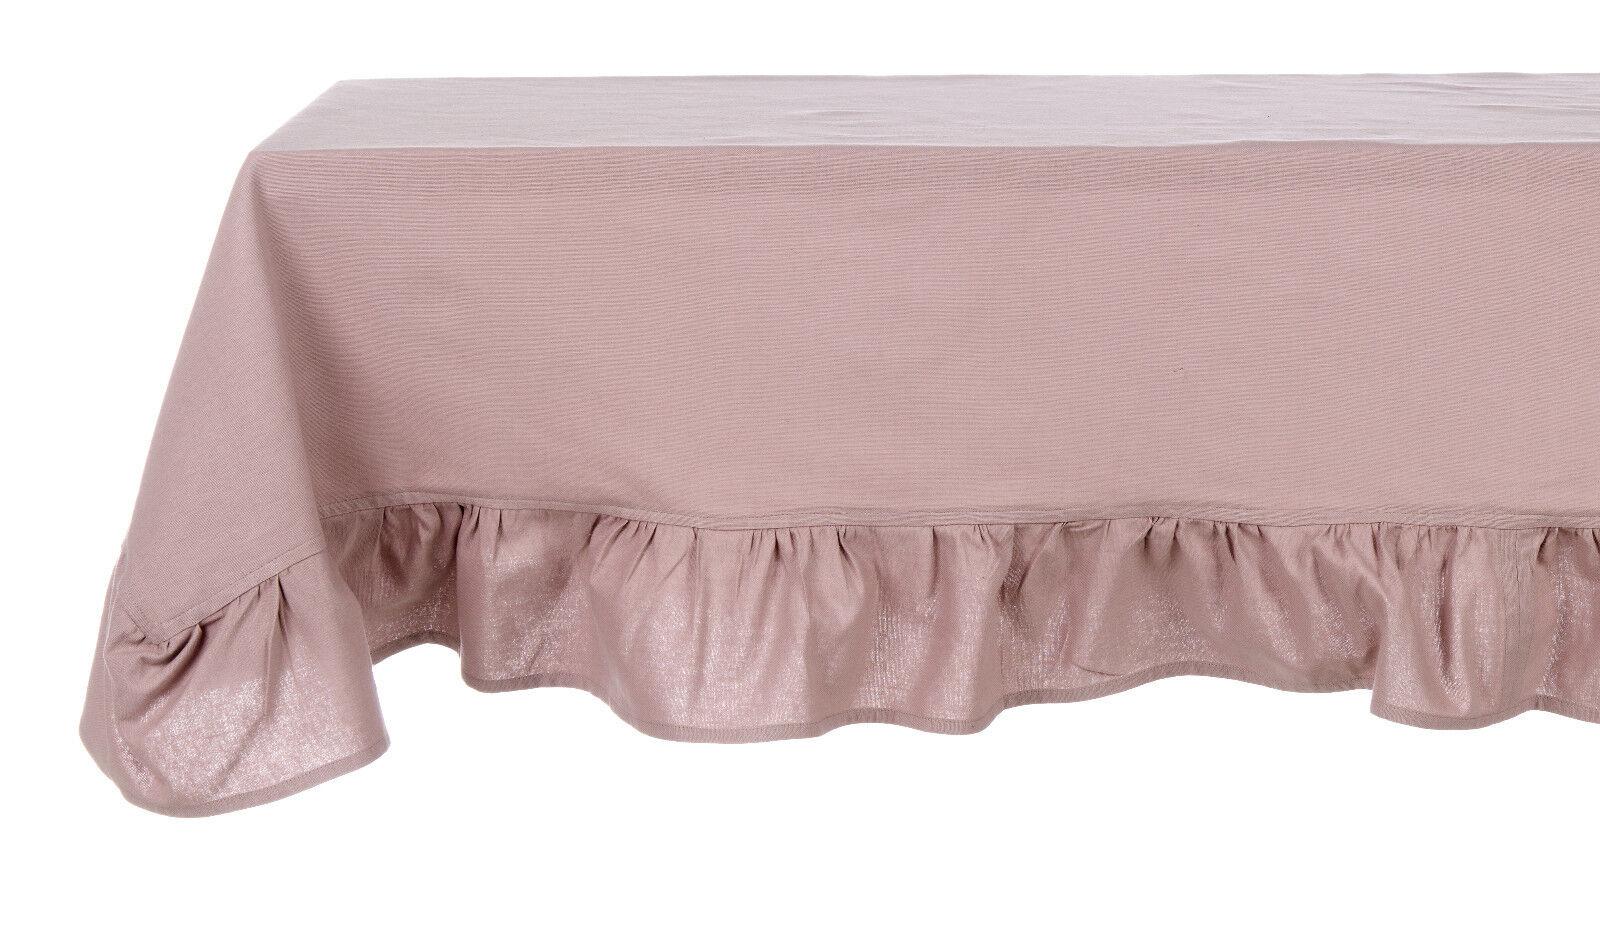 Tischläufer Läufer Tischdecke Rosen rosa Shabby Landhaus Blanc Mariclo